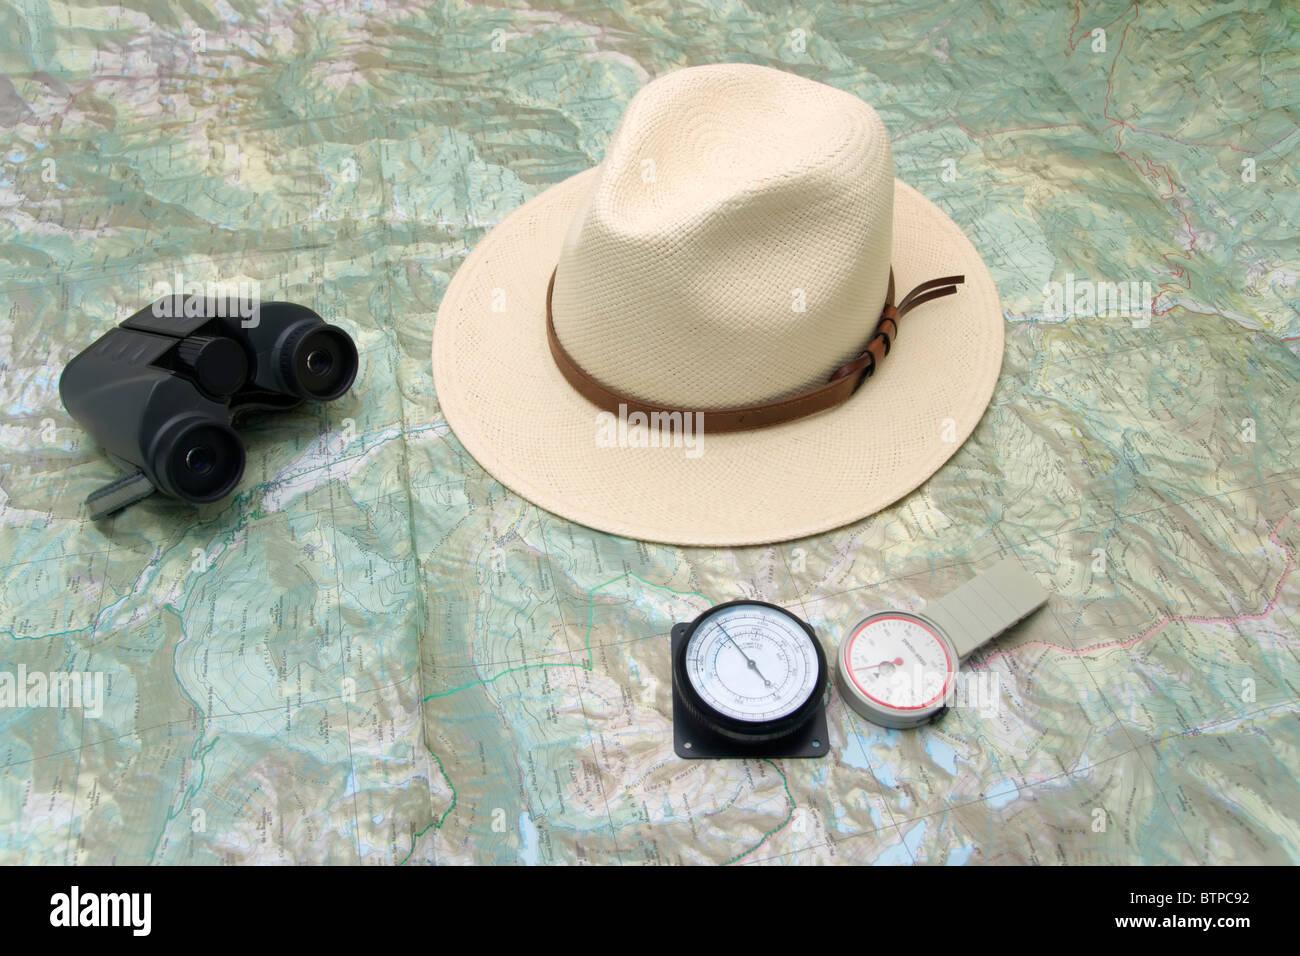 Planeando un viaje a la montaña con mapa, podómetro, altímetro, binoculares y sombrero Imagen De Stock